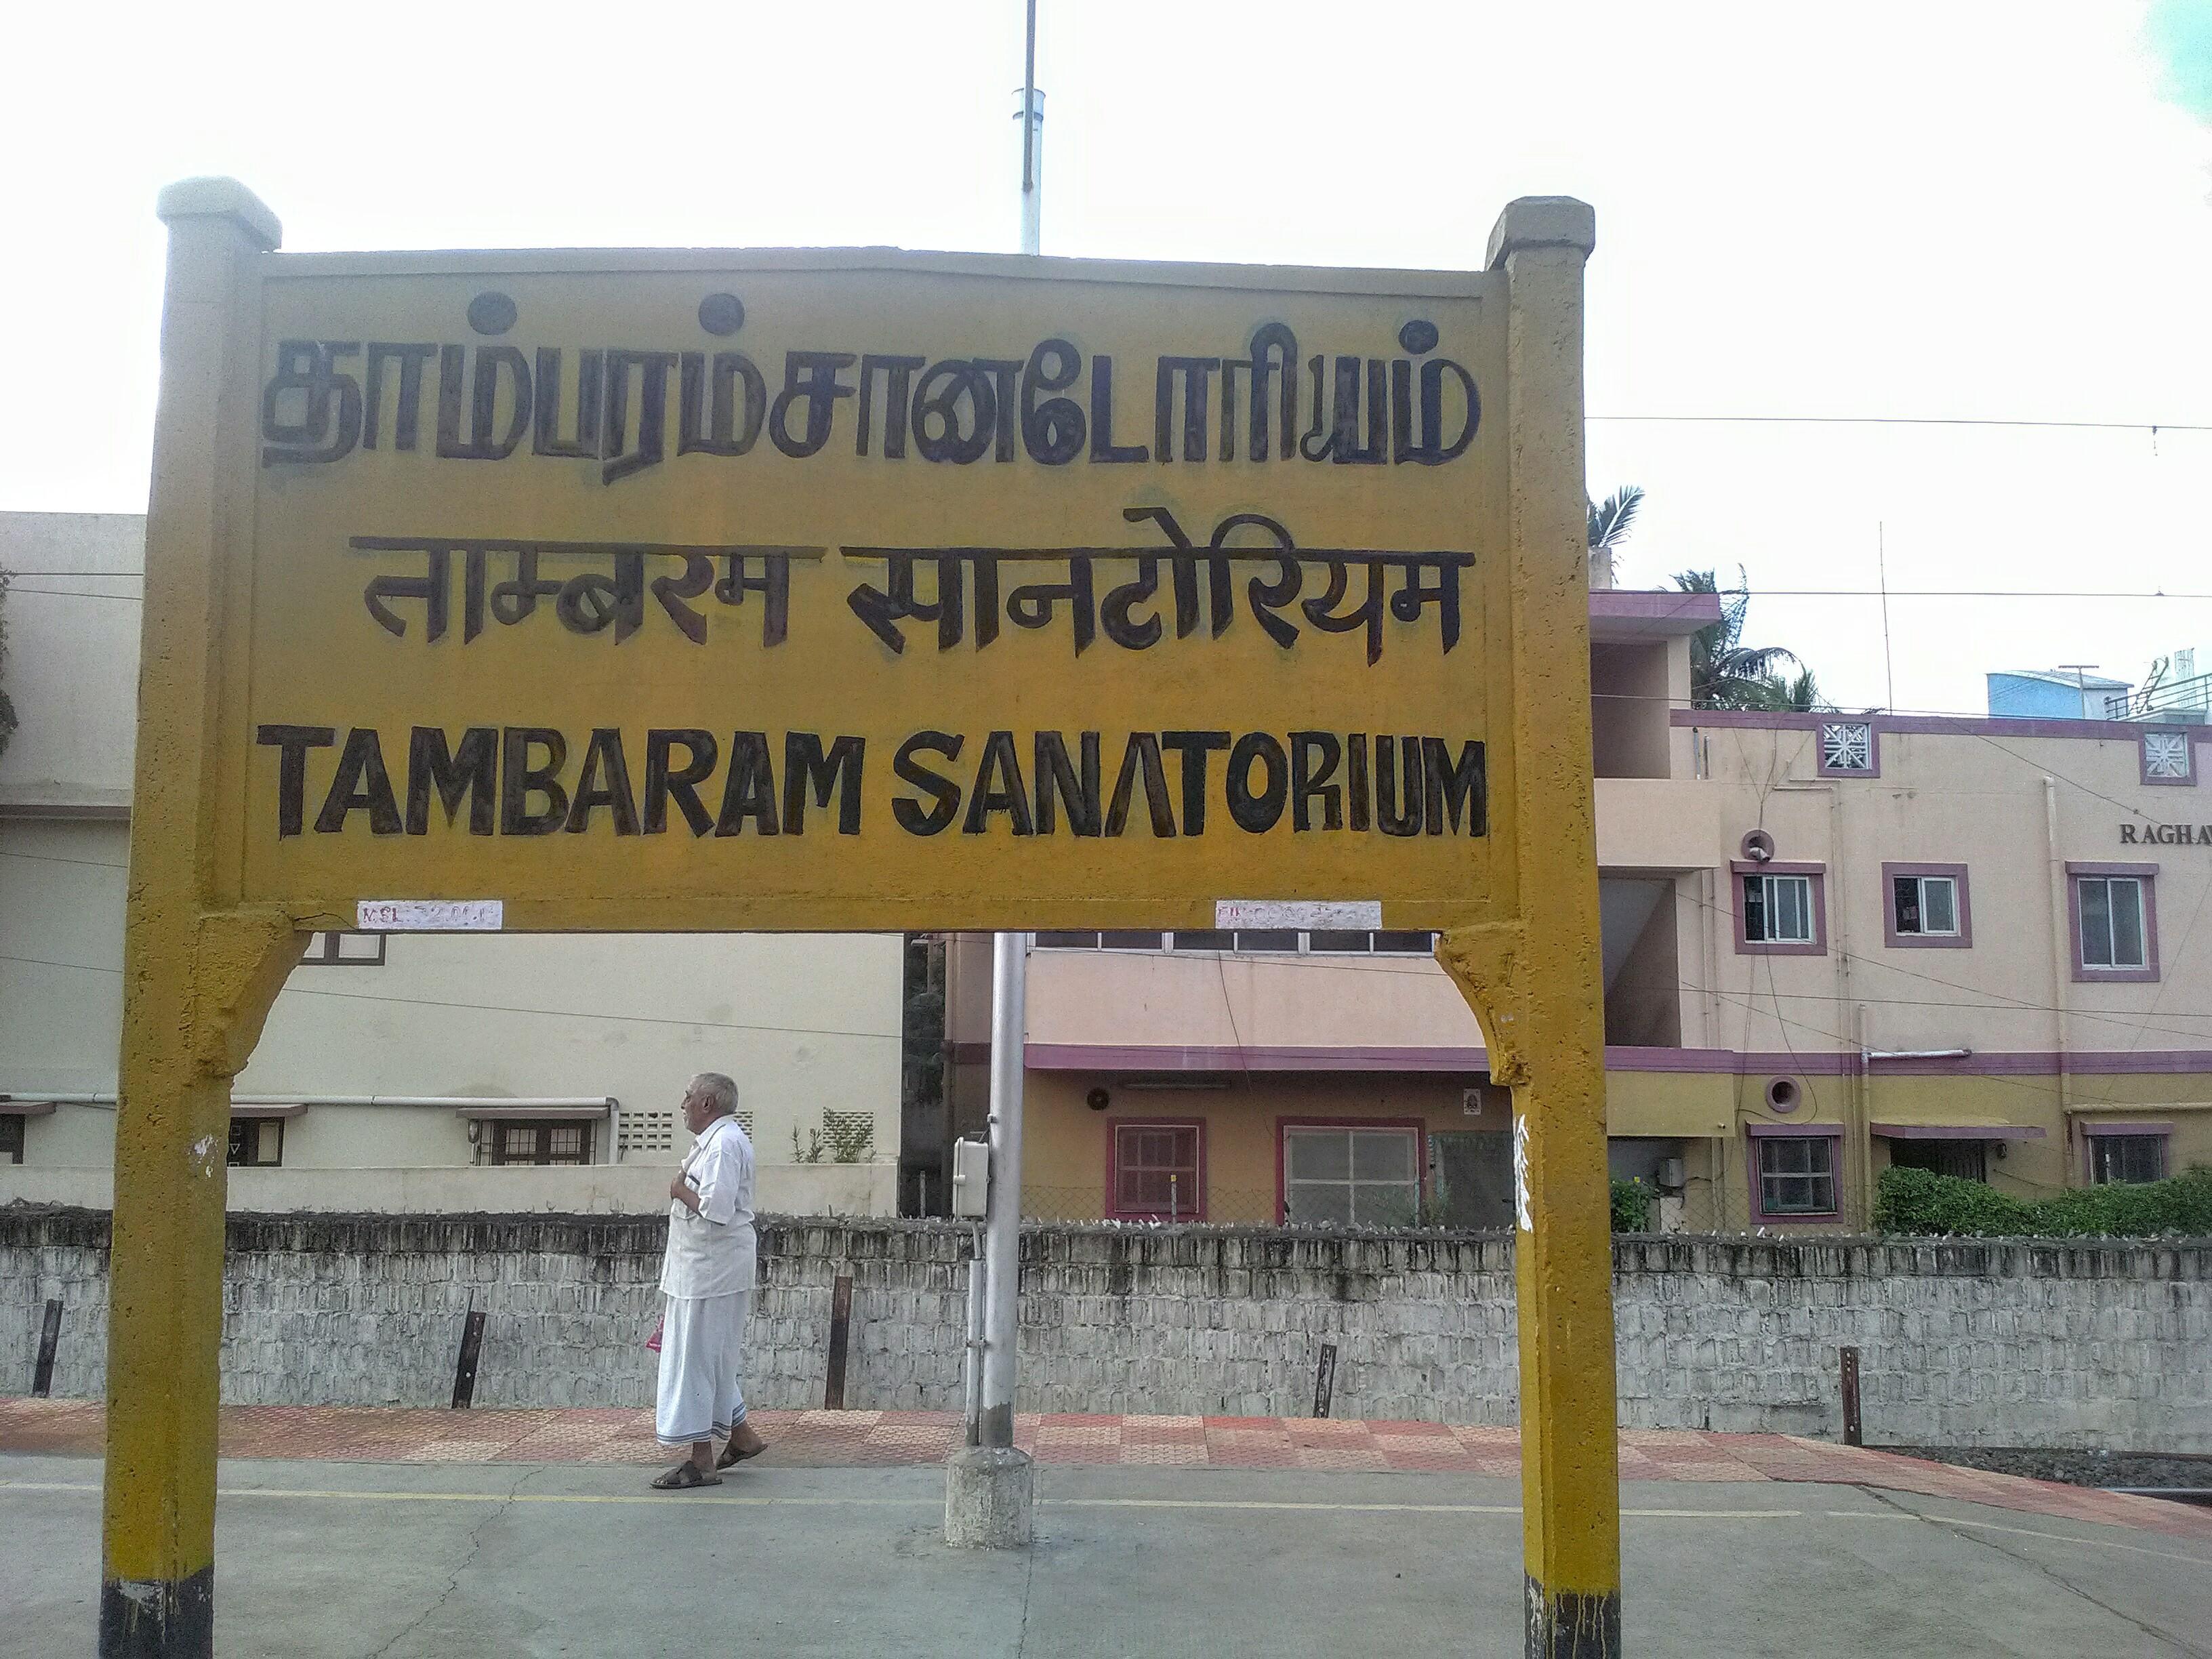 Tambaram Sanatorium railway station - Wikipedia